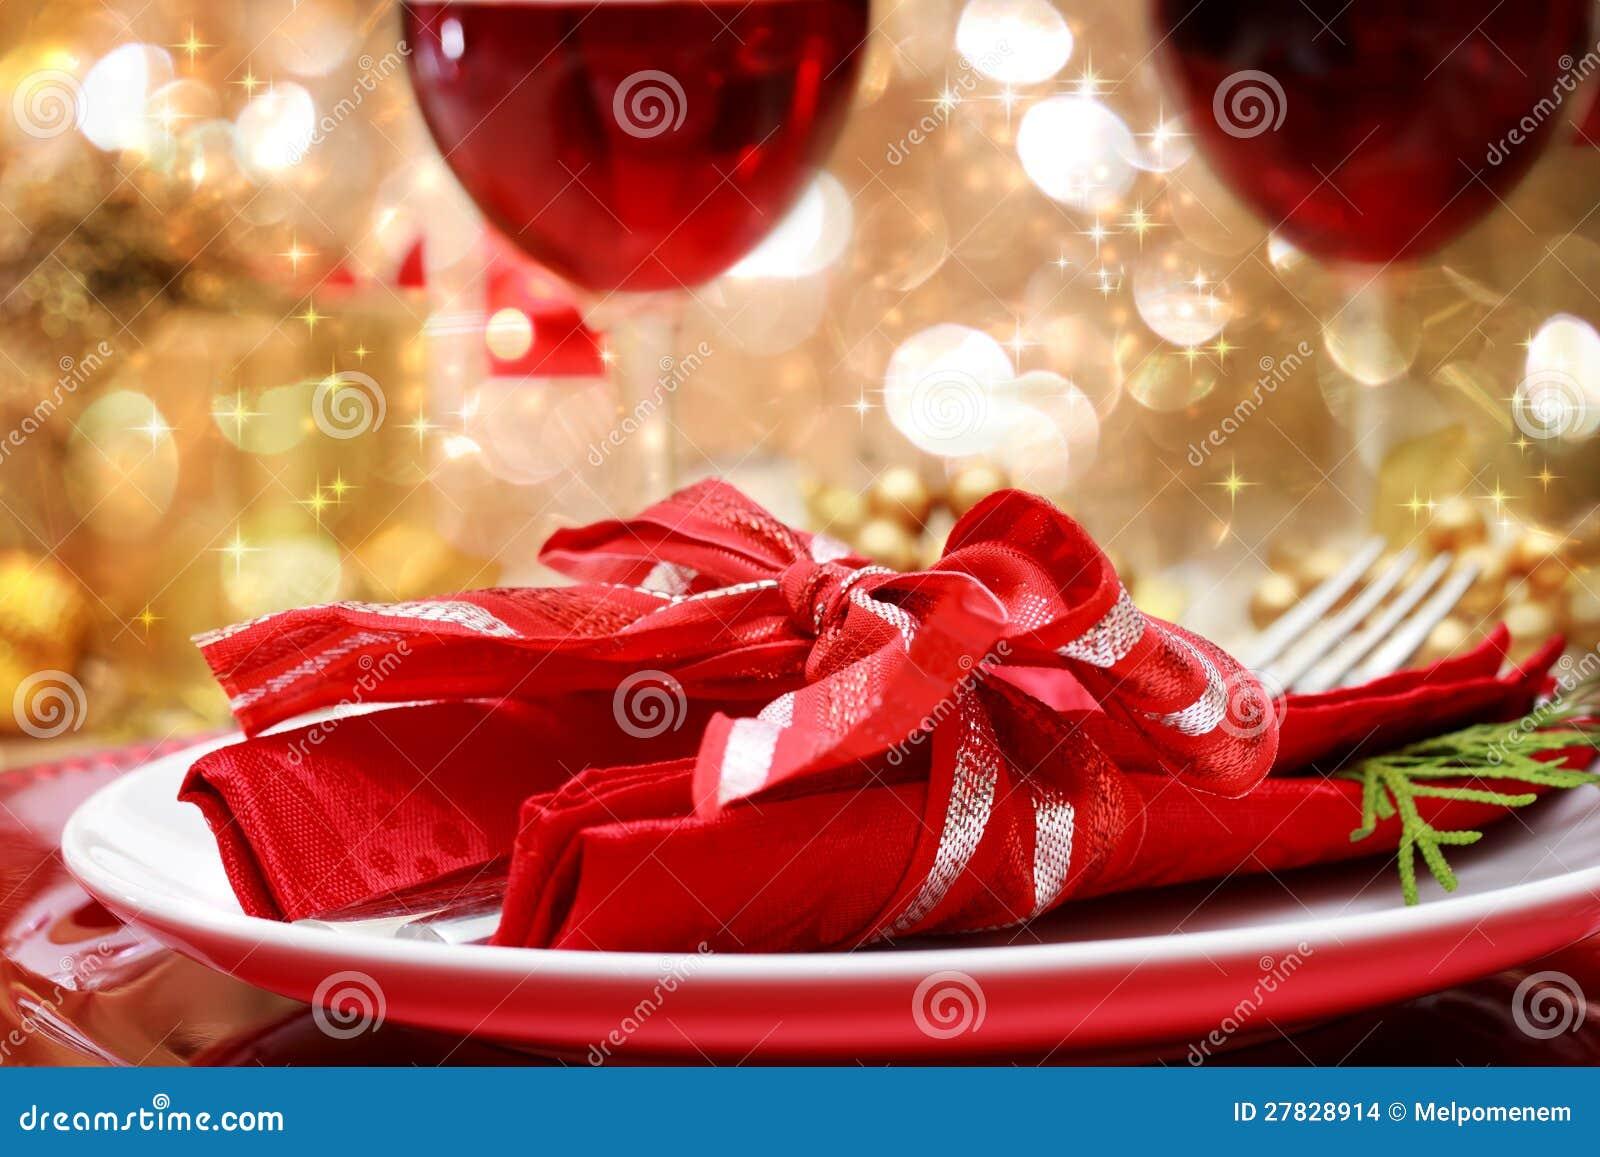 Διακοσμημένος πίνακας γευμάτων Χριστουγέννων